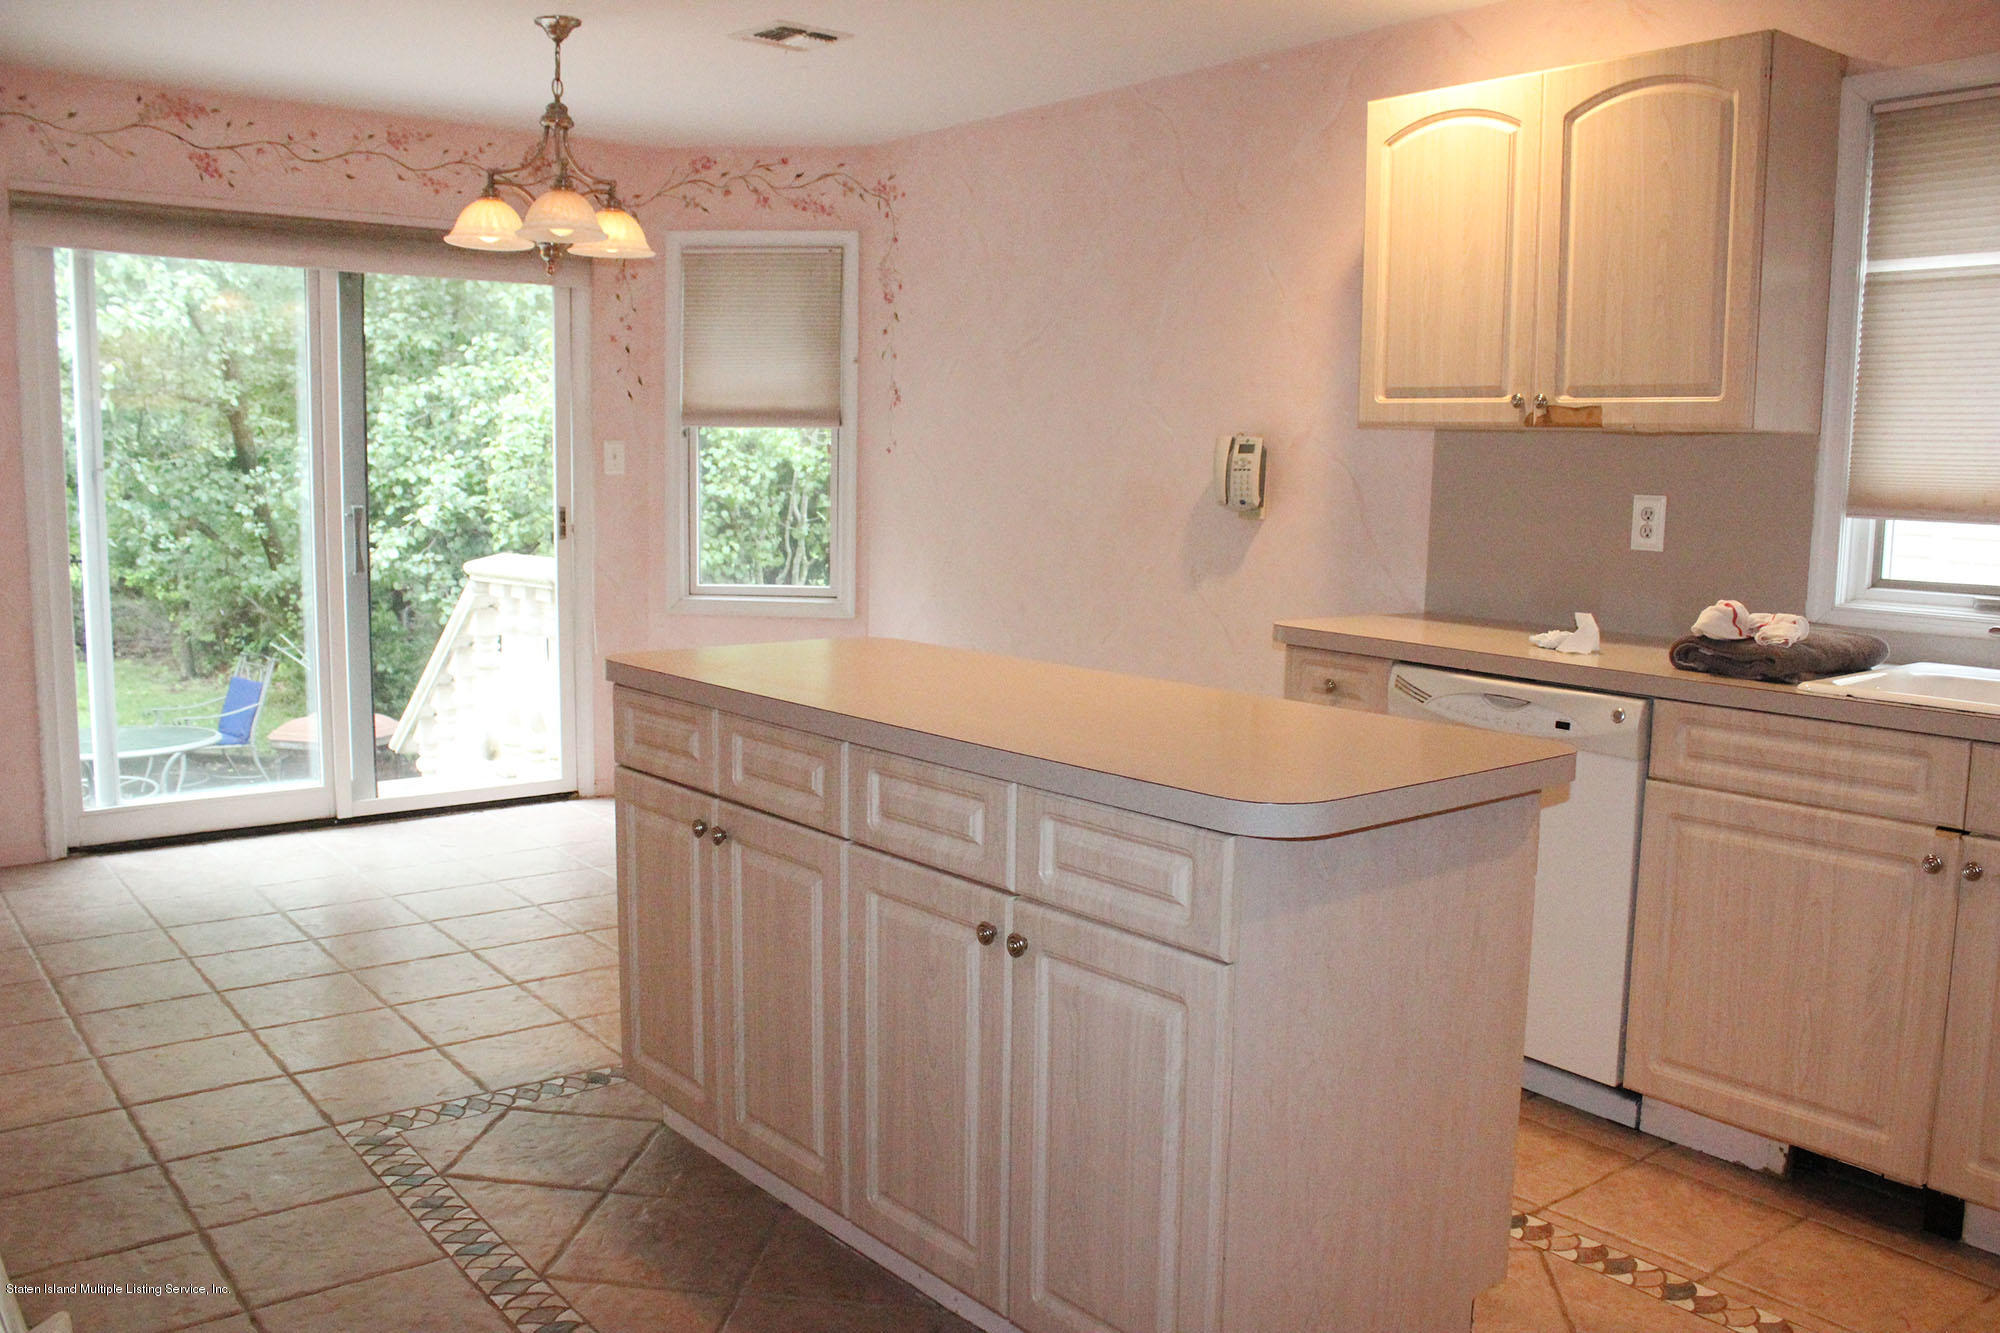 Single Family - Detached 64 Covington Circle  Staten Island, NY 10312, MLS-1130895-6